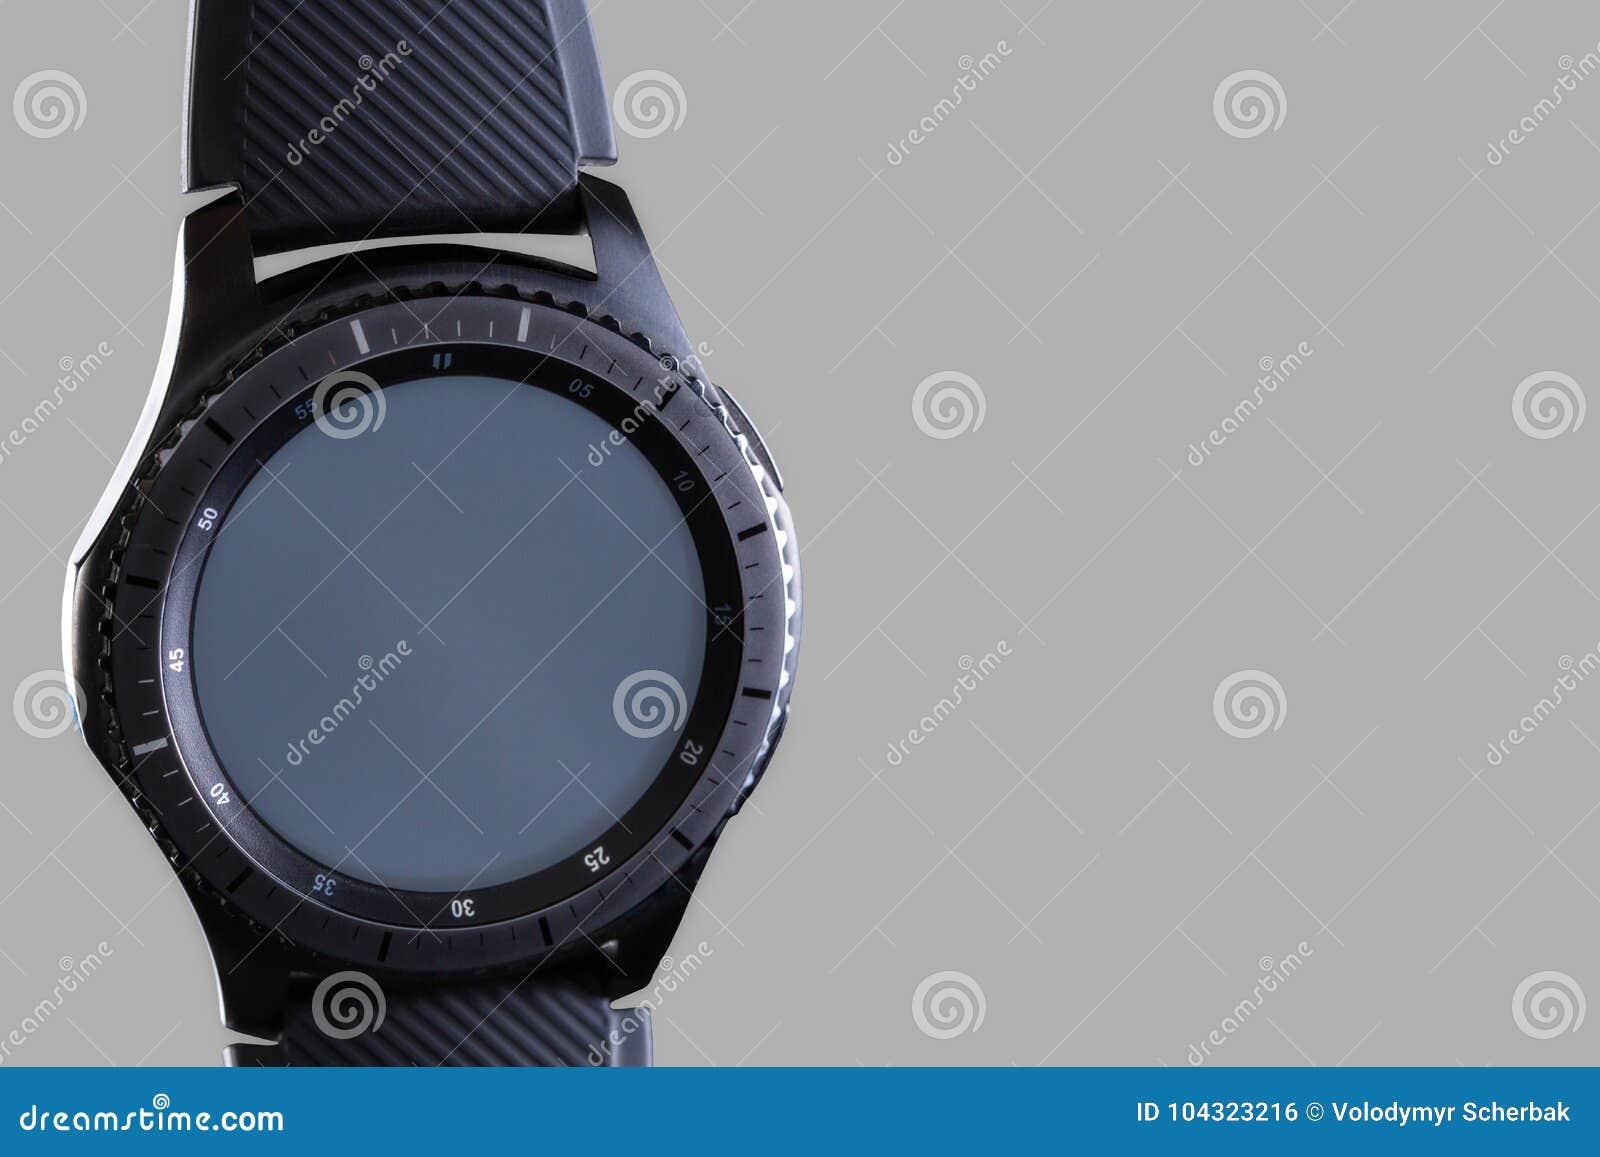 Slim horloge met een lege wijzerplaat op een grijze achtergrond